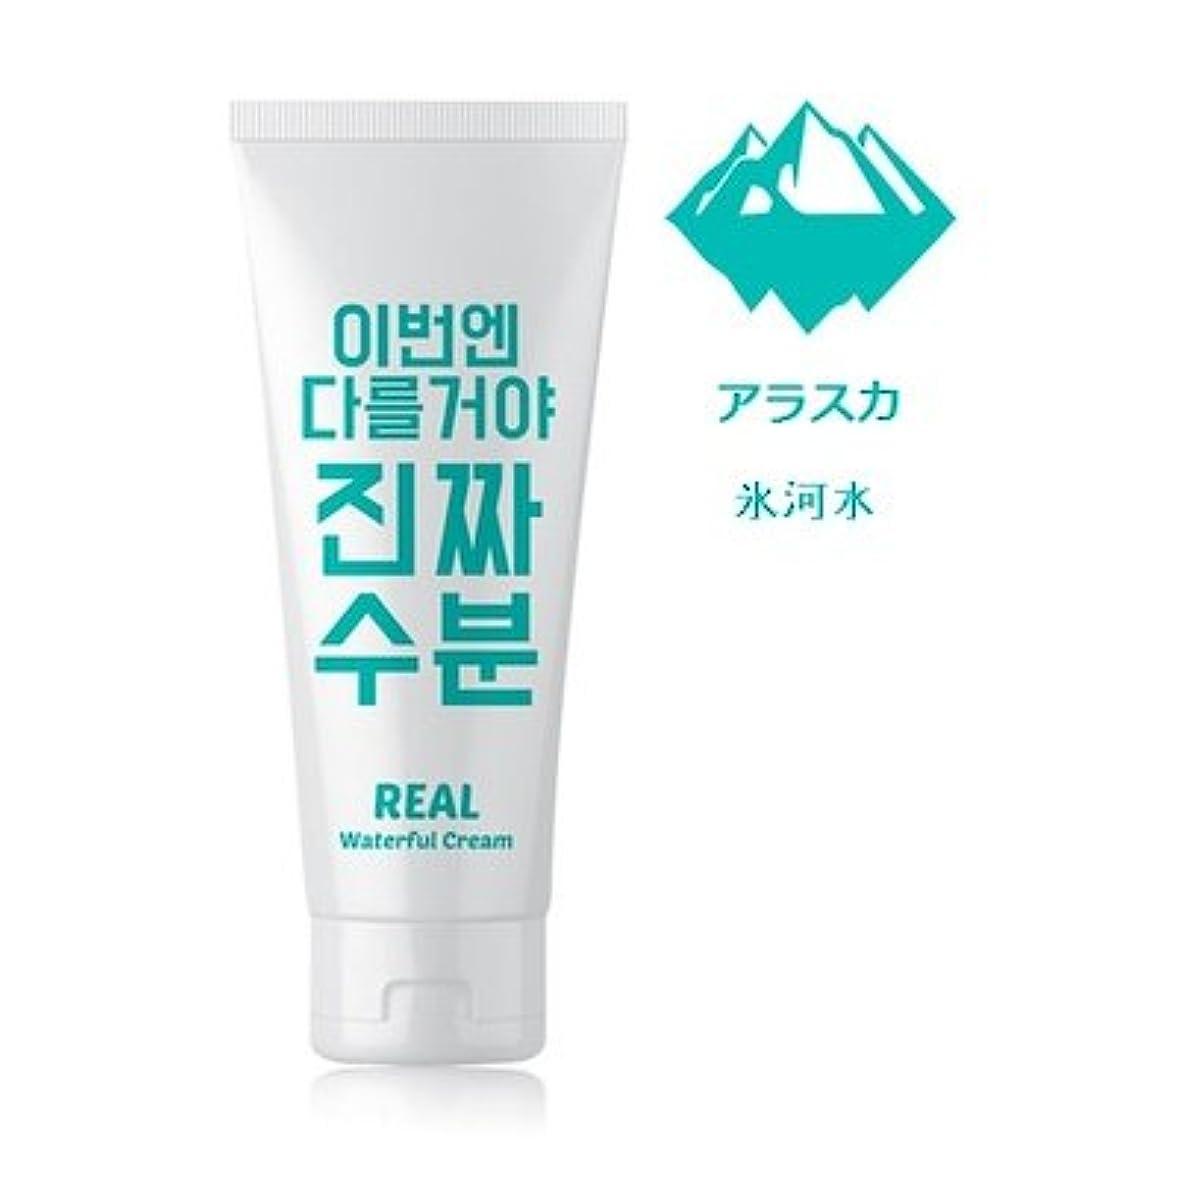 励起なしでお金Jaminkyung Real Waterful Cream/孜民耕 [ジャミンギョン] 今度は違うぞ本当の水分クリーム 200ml [並行輸入品]